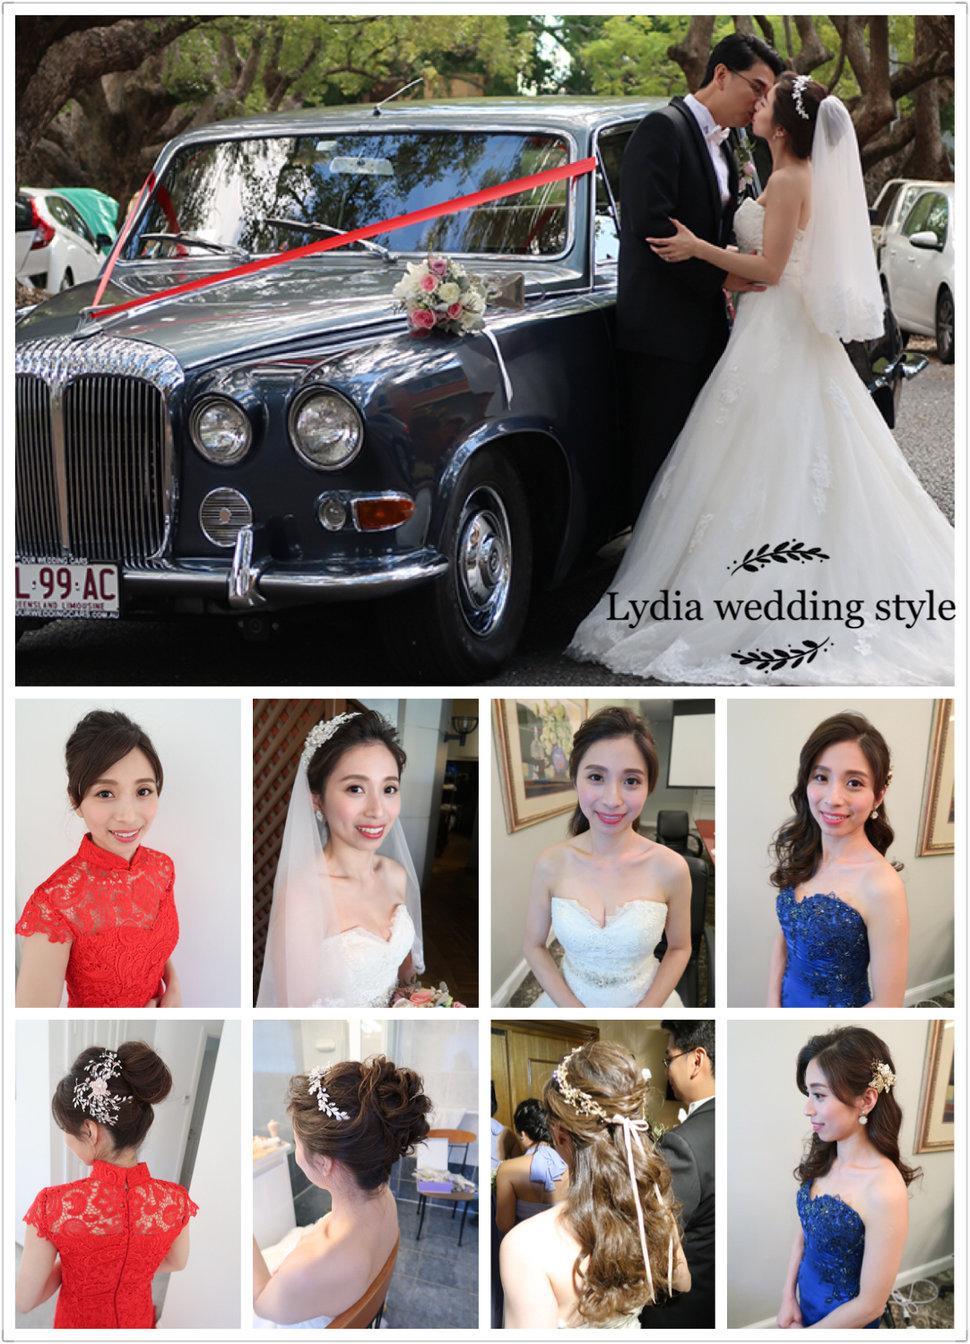 3ADAE69C-D670-4D9D-A313-C6A87B30FE54 - Lydia姿君wedding style - 結婚吧